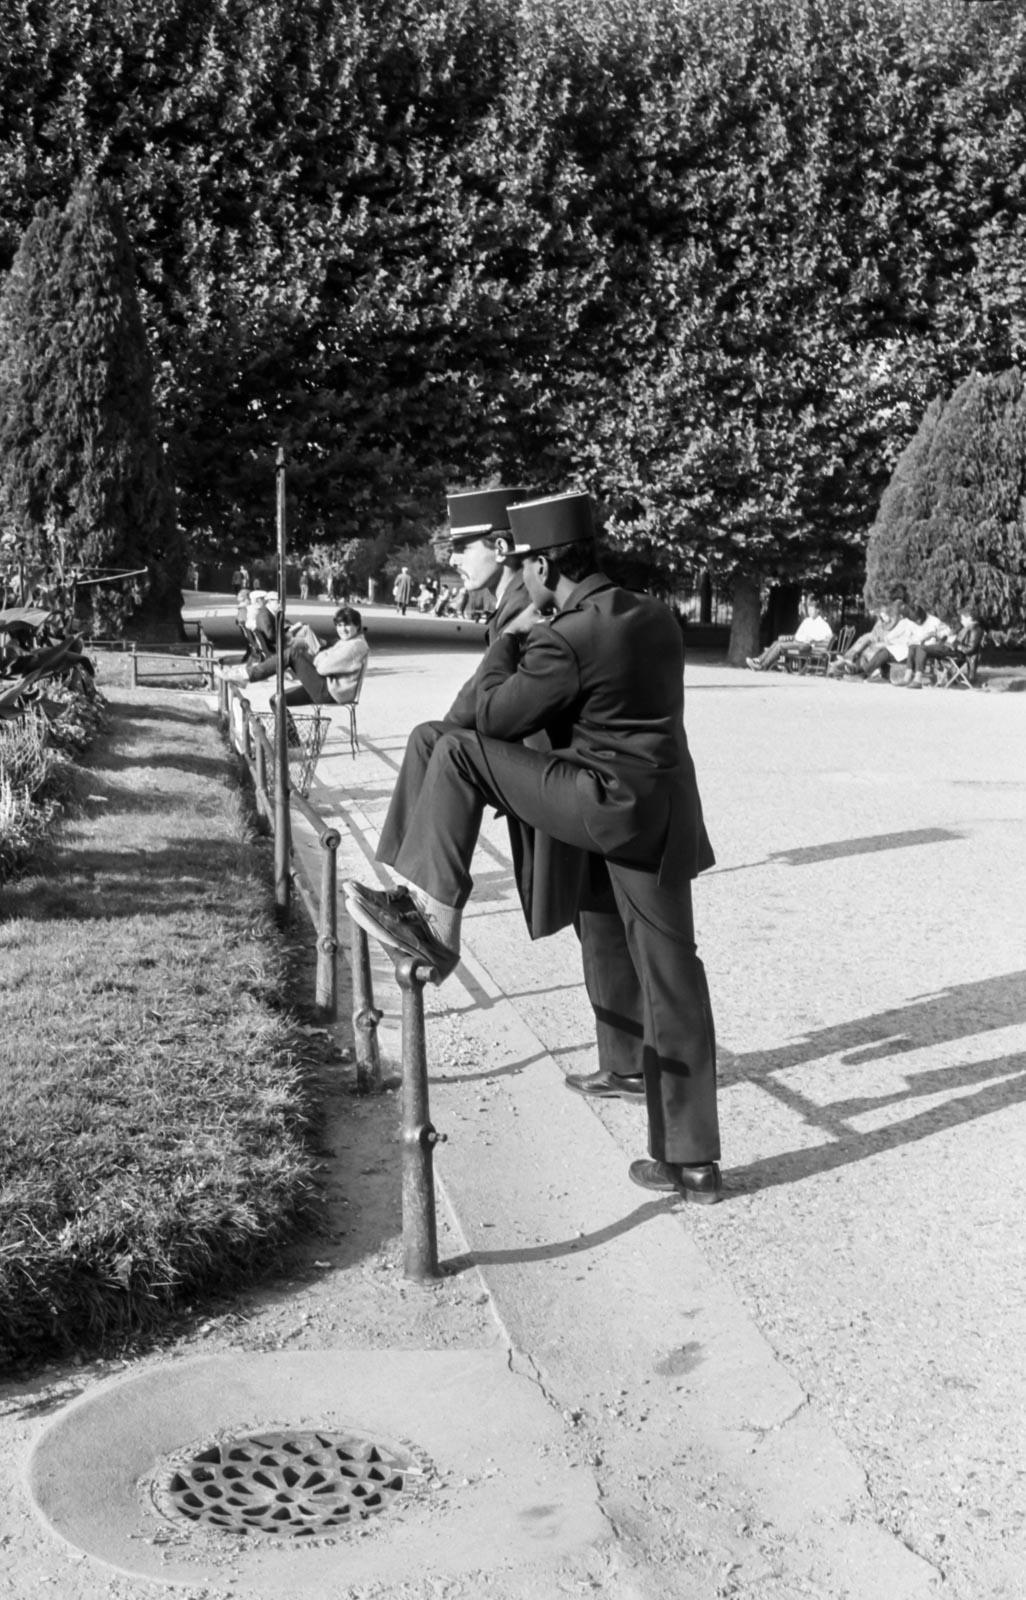 La pause, Paris 1988